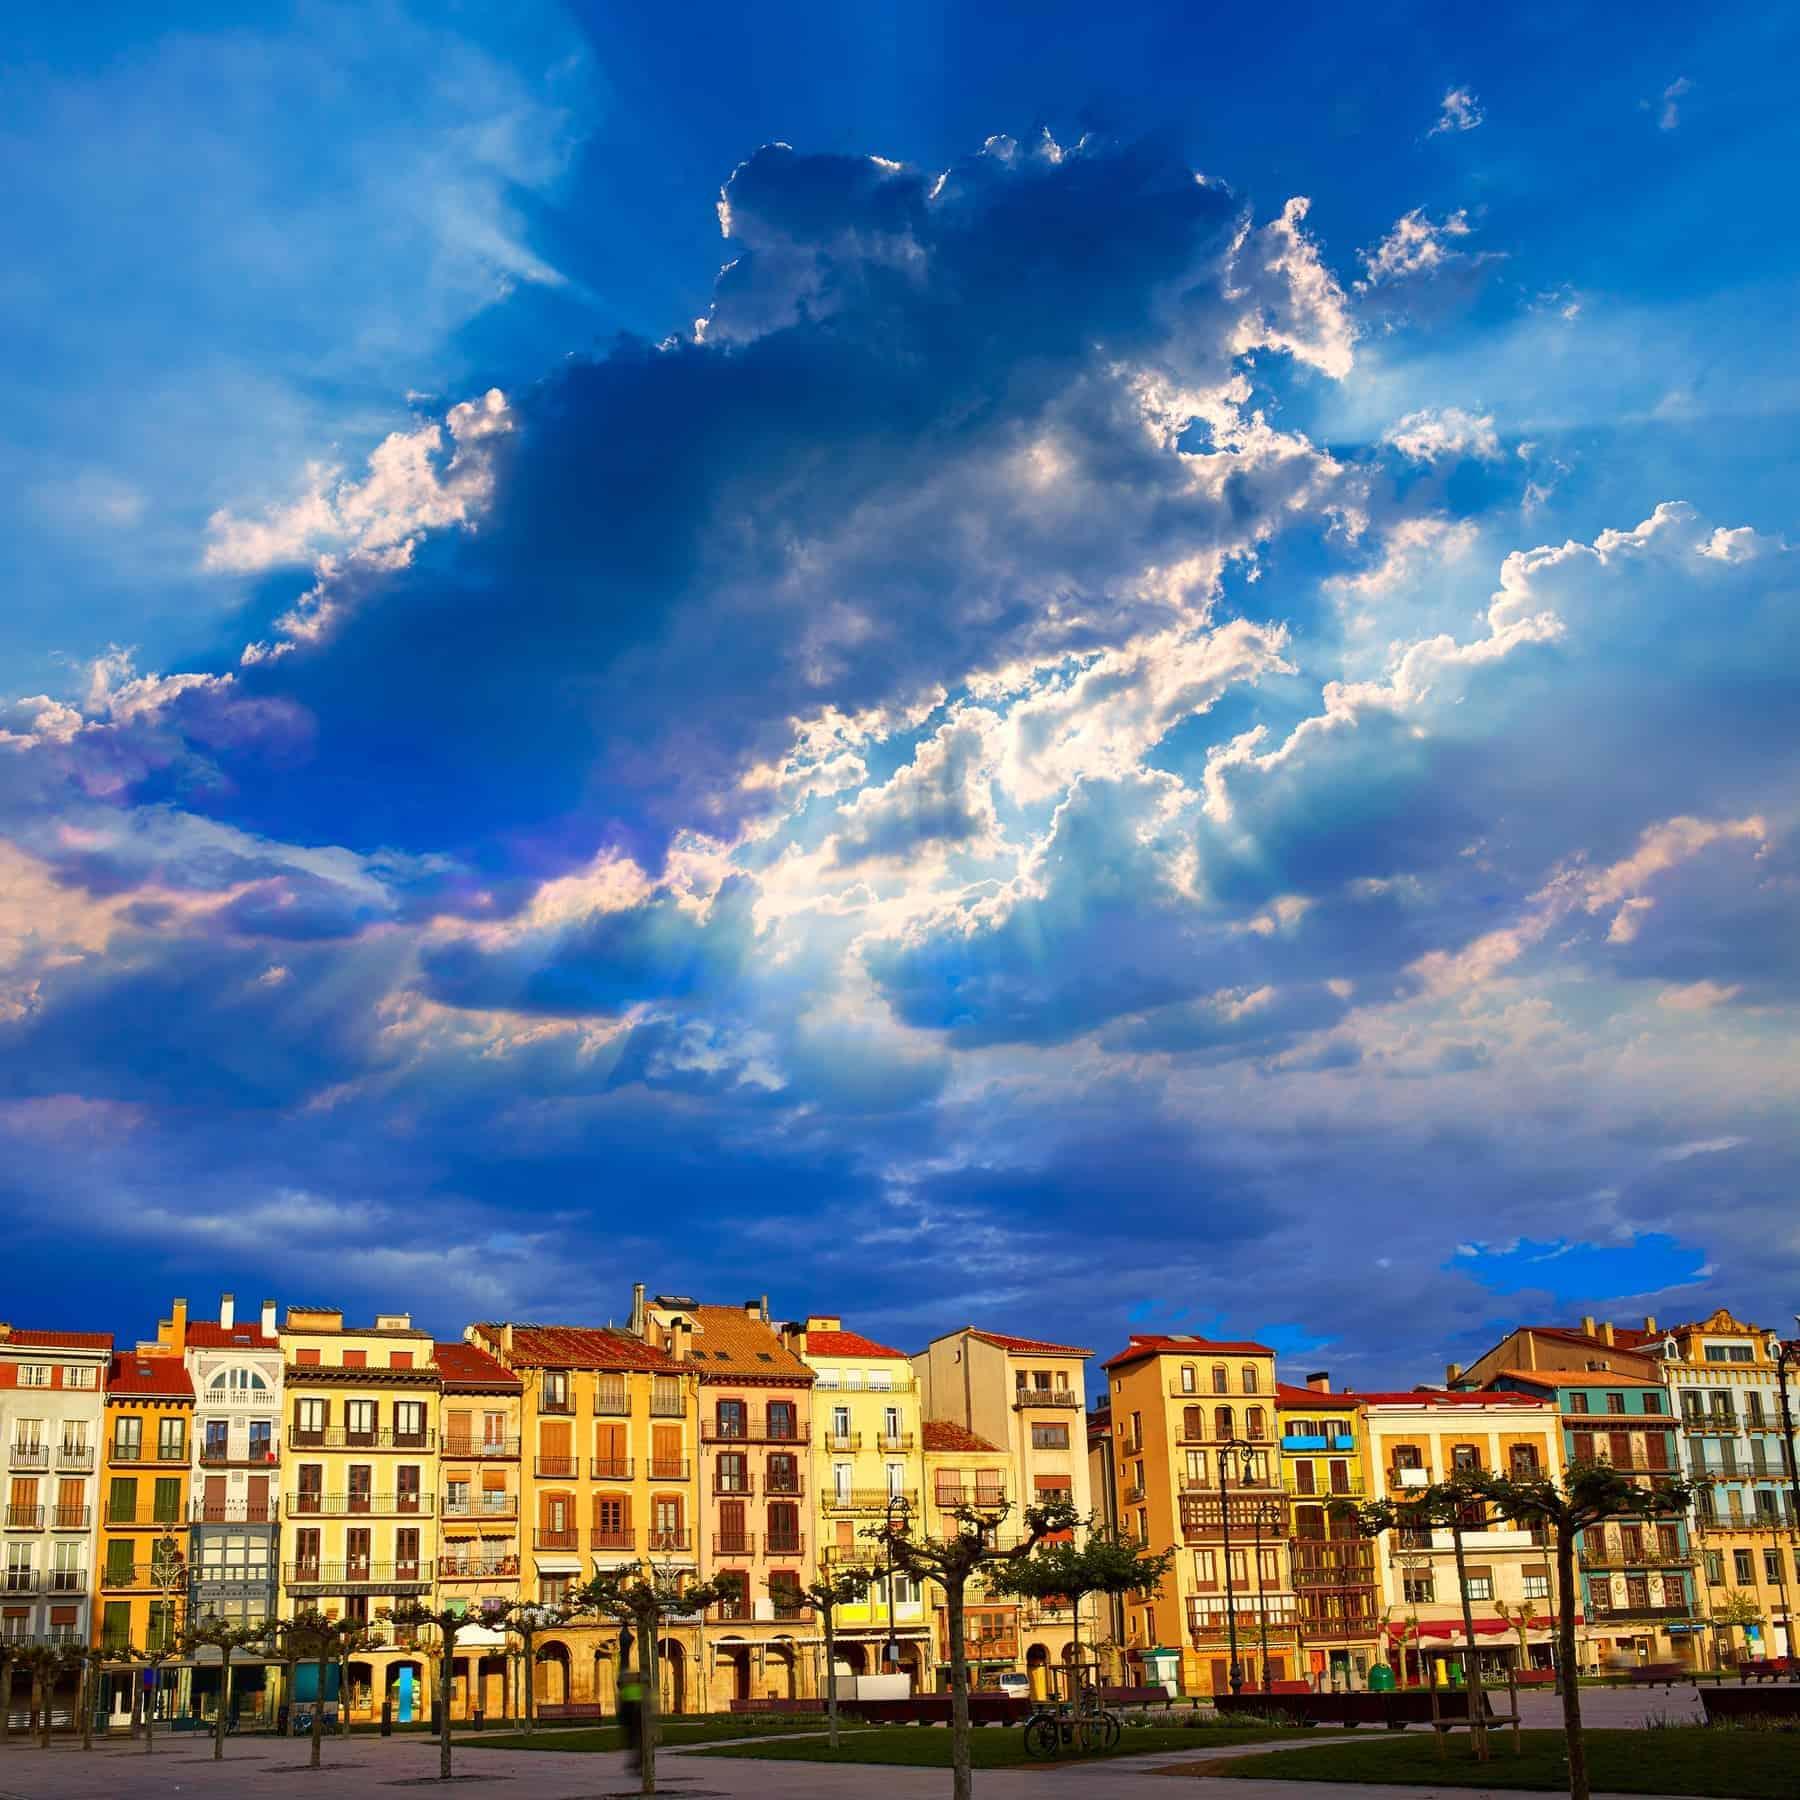 Spanske vindistrikter: Pamplona, Navarra vinregion i Spanien, Plaza del Castillo firkantede centrum